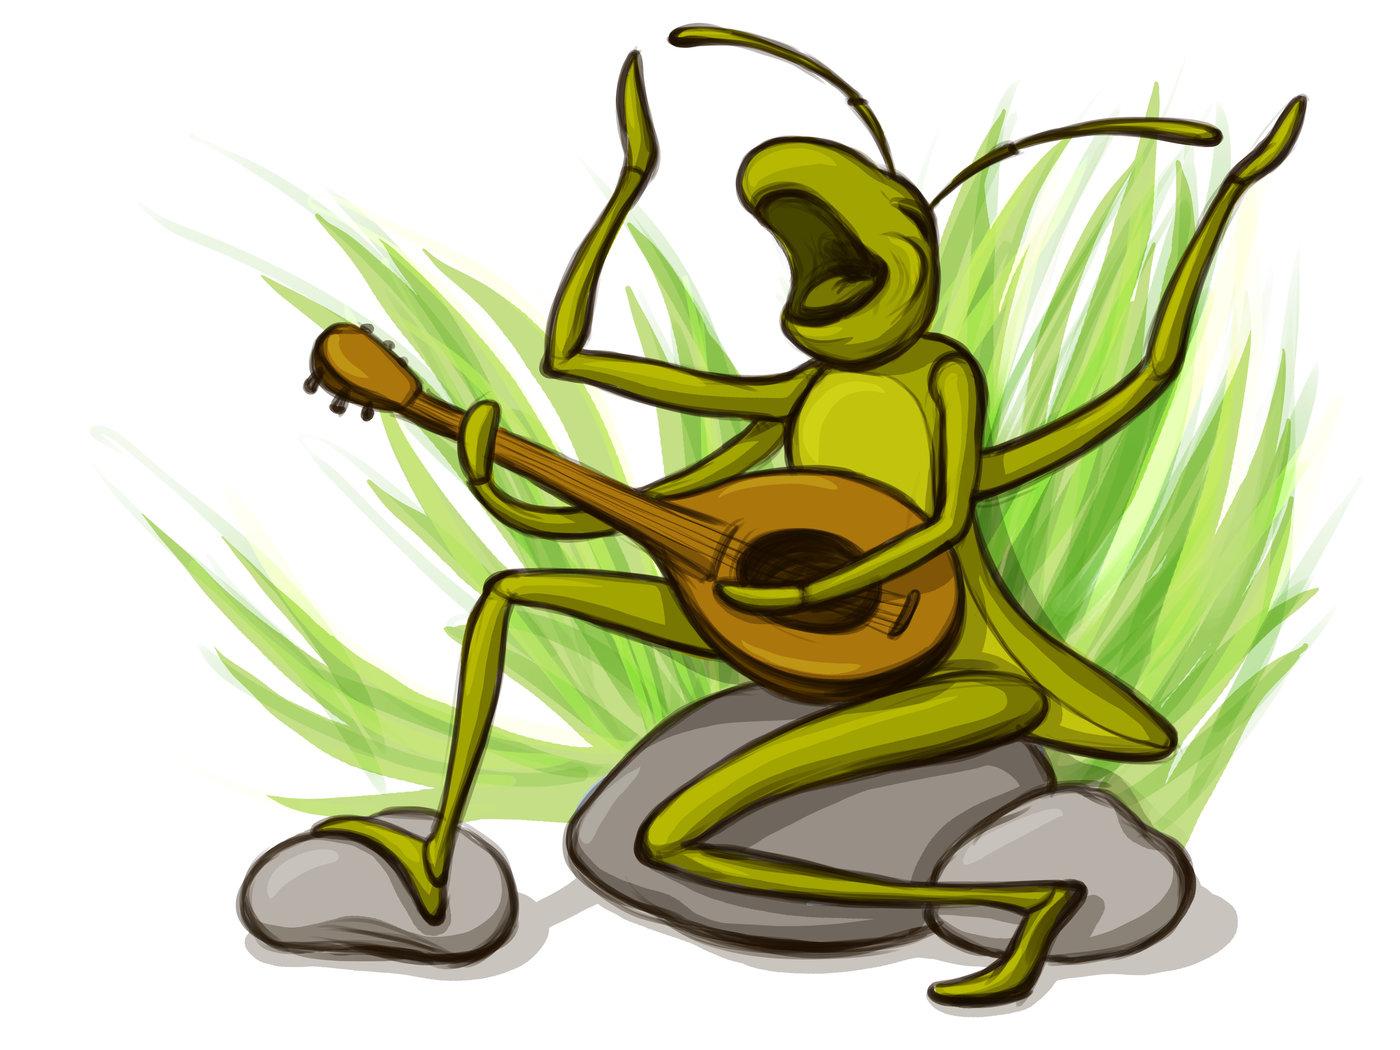 Grasshopper And The Ant By Adelya Tumasyeva At Coroflot